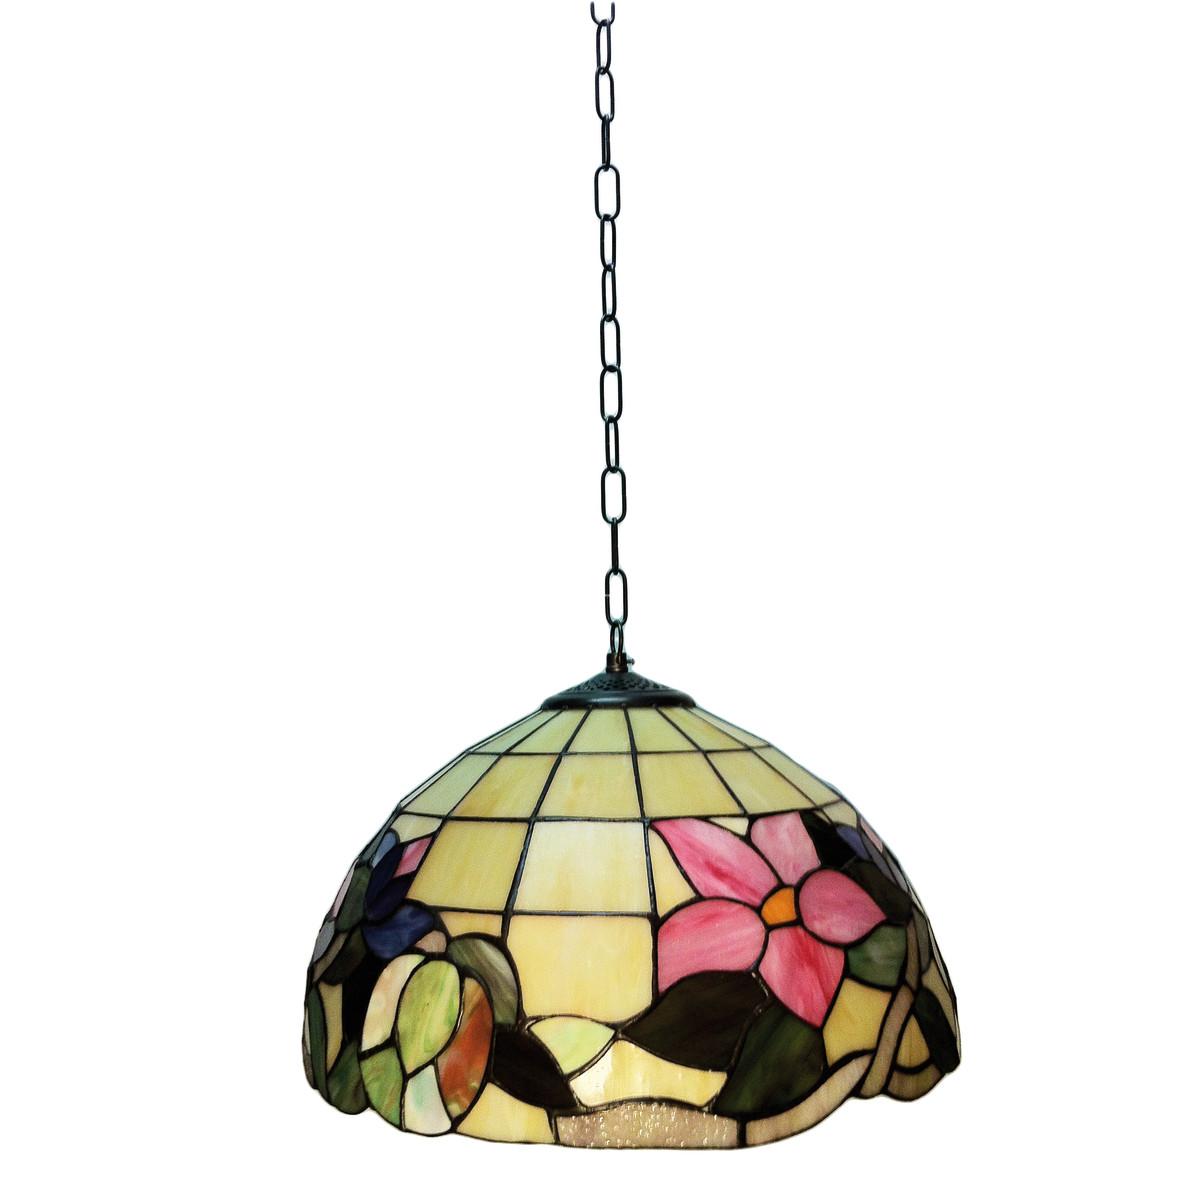 lampadario 701/40: prezzi e offerte online - Lampadari Cucina Leroy Merlin